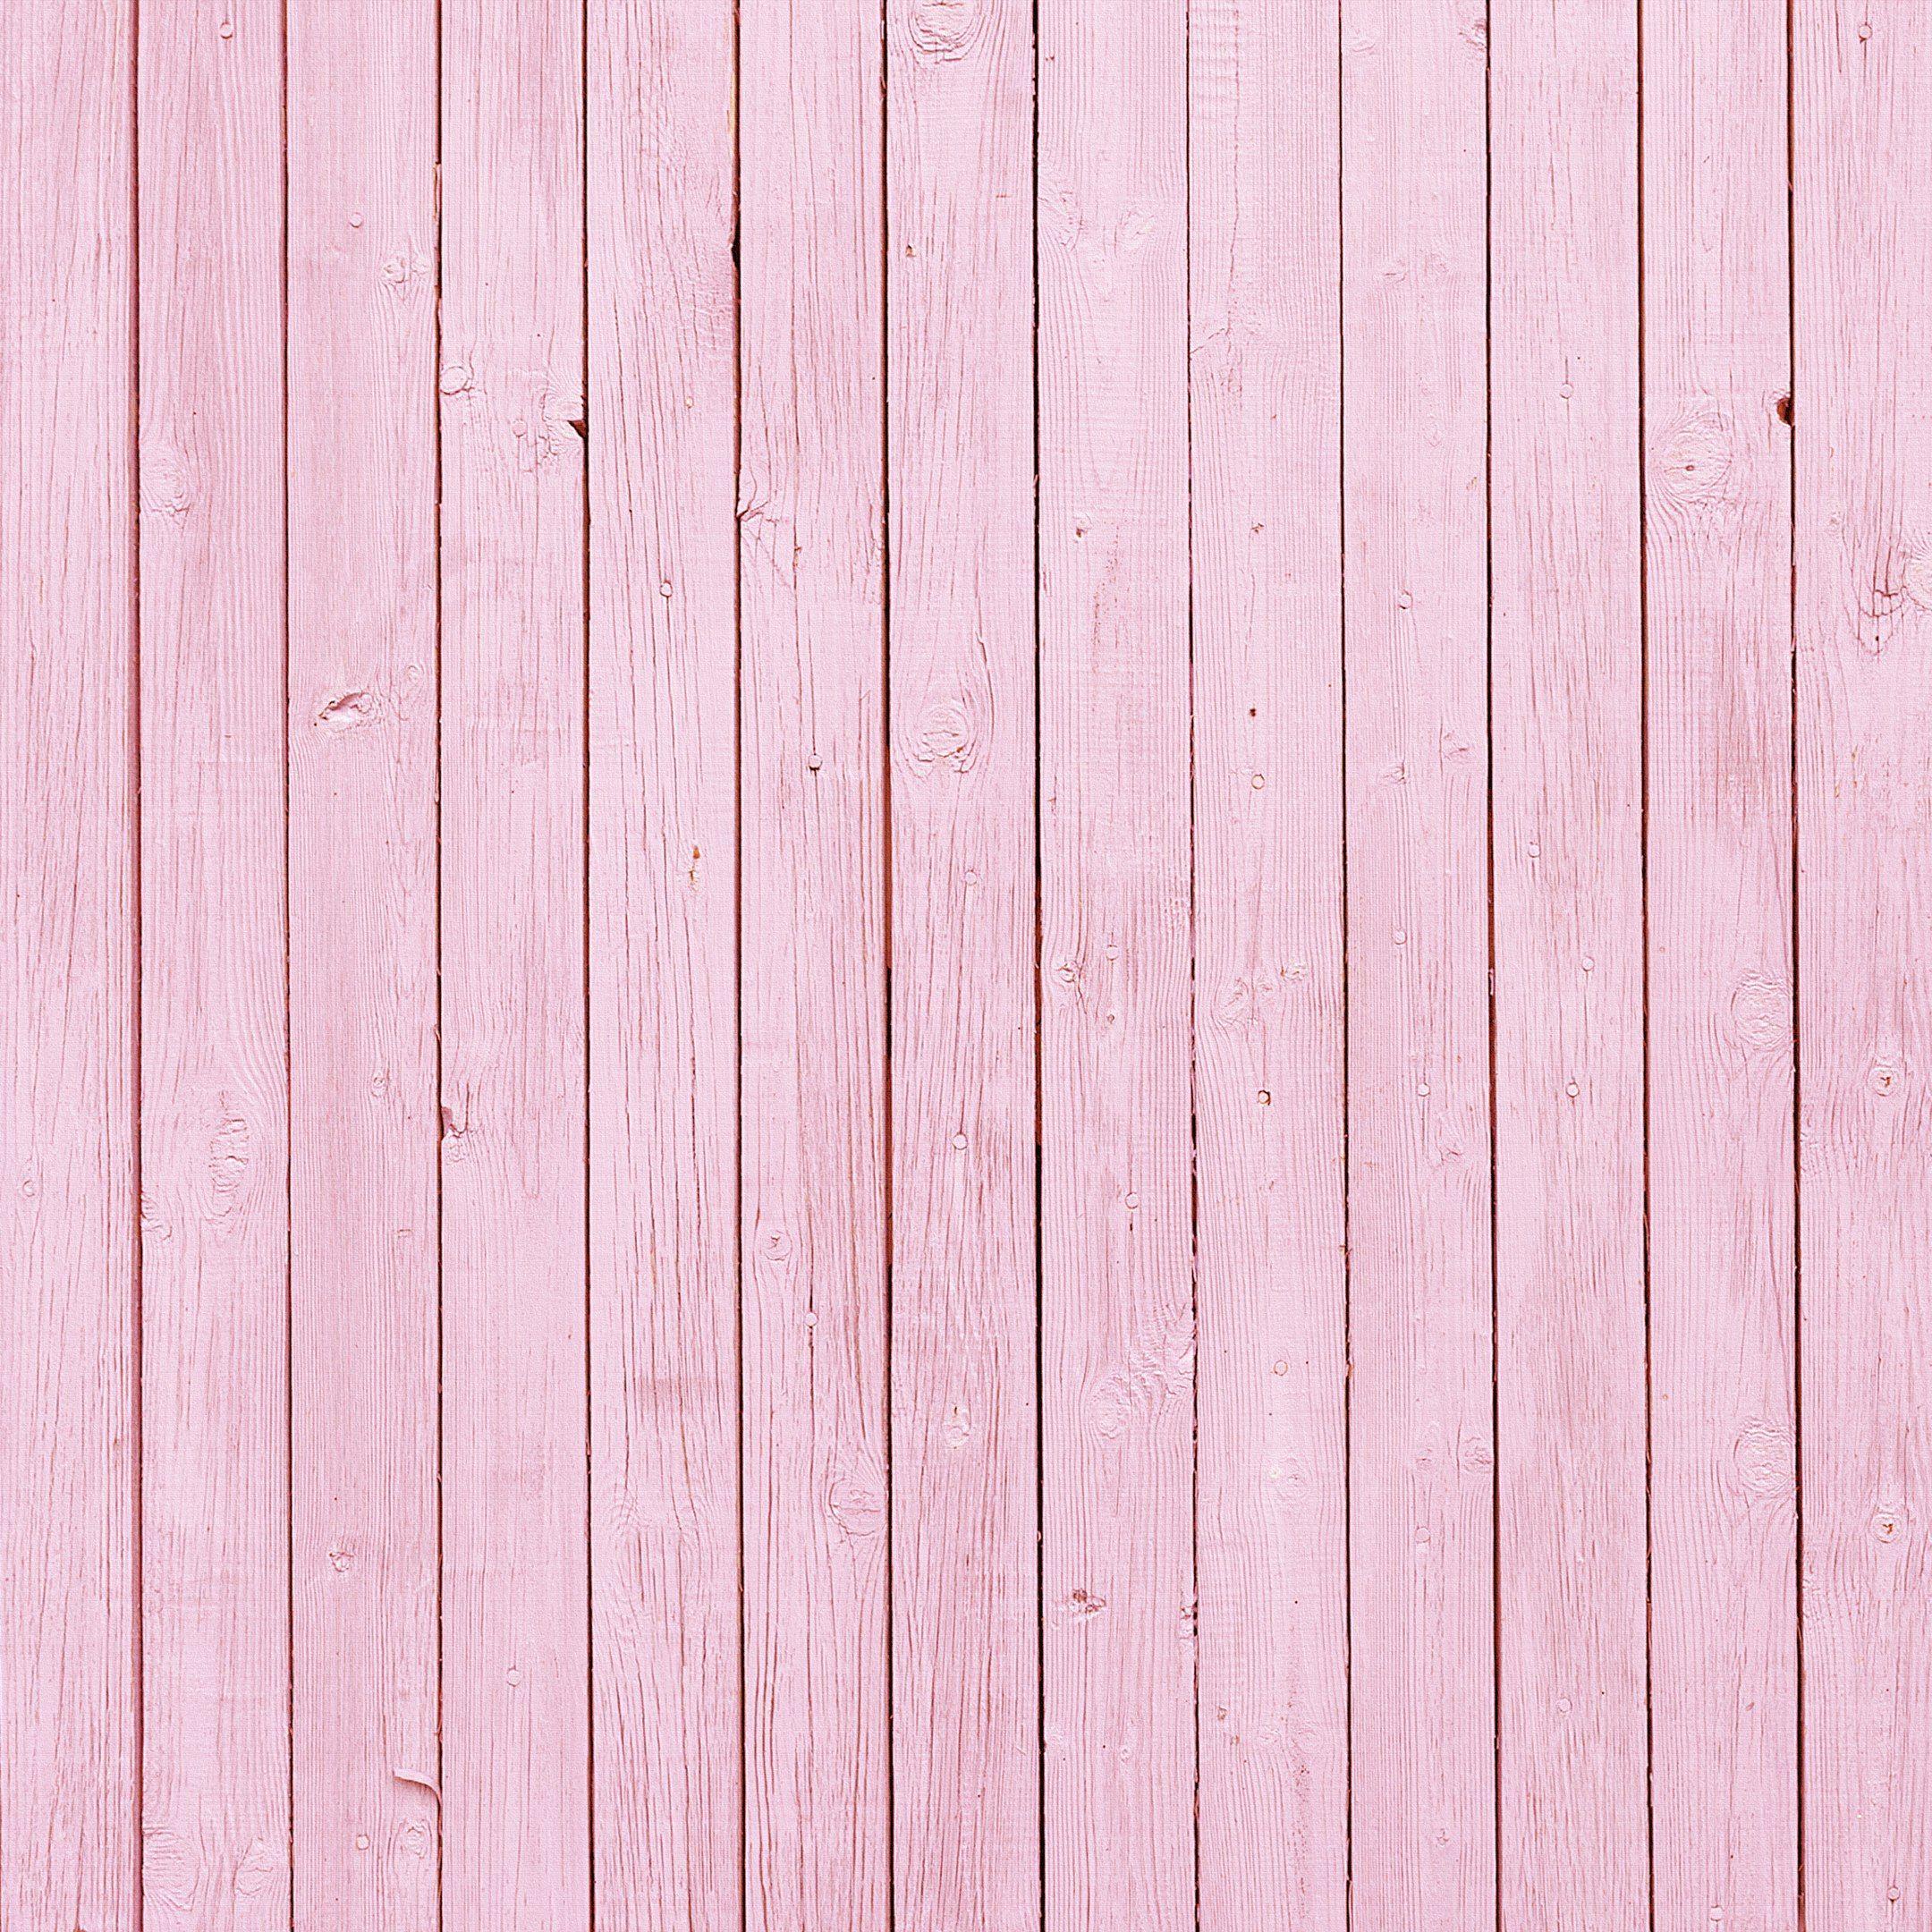 Дерево доски дверь картинки фото обои для рабочего